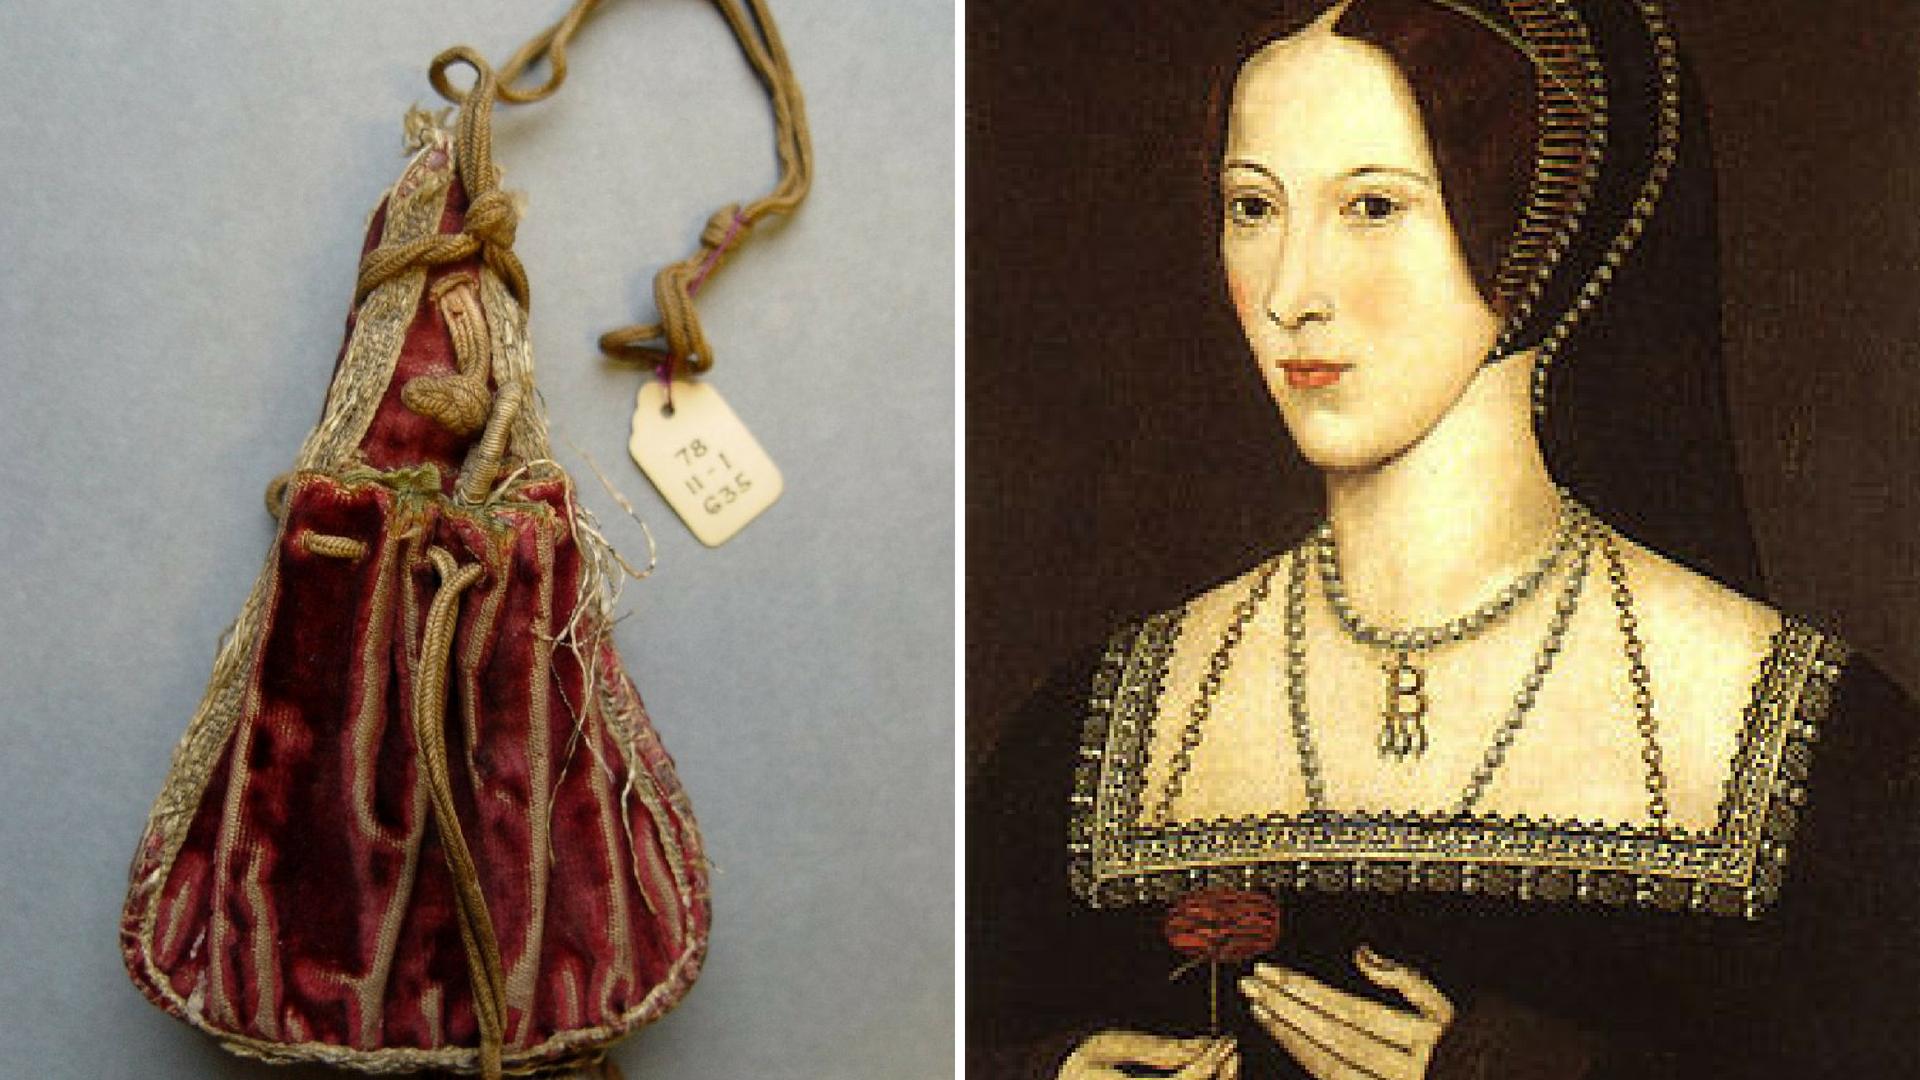 Měšec Anny Boleynové